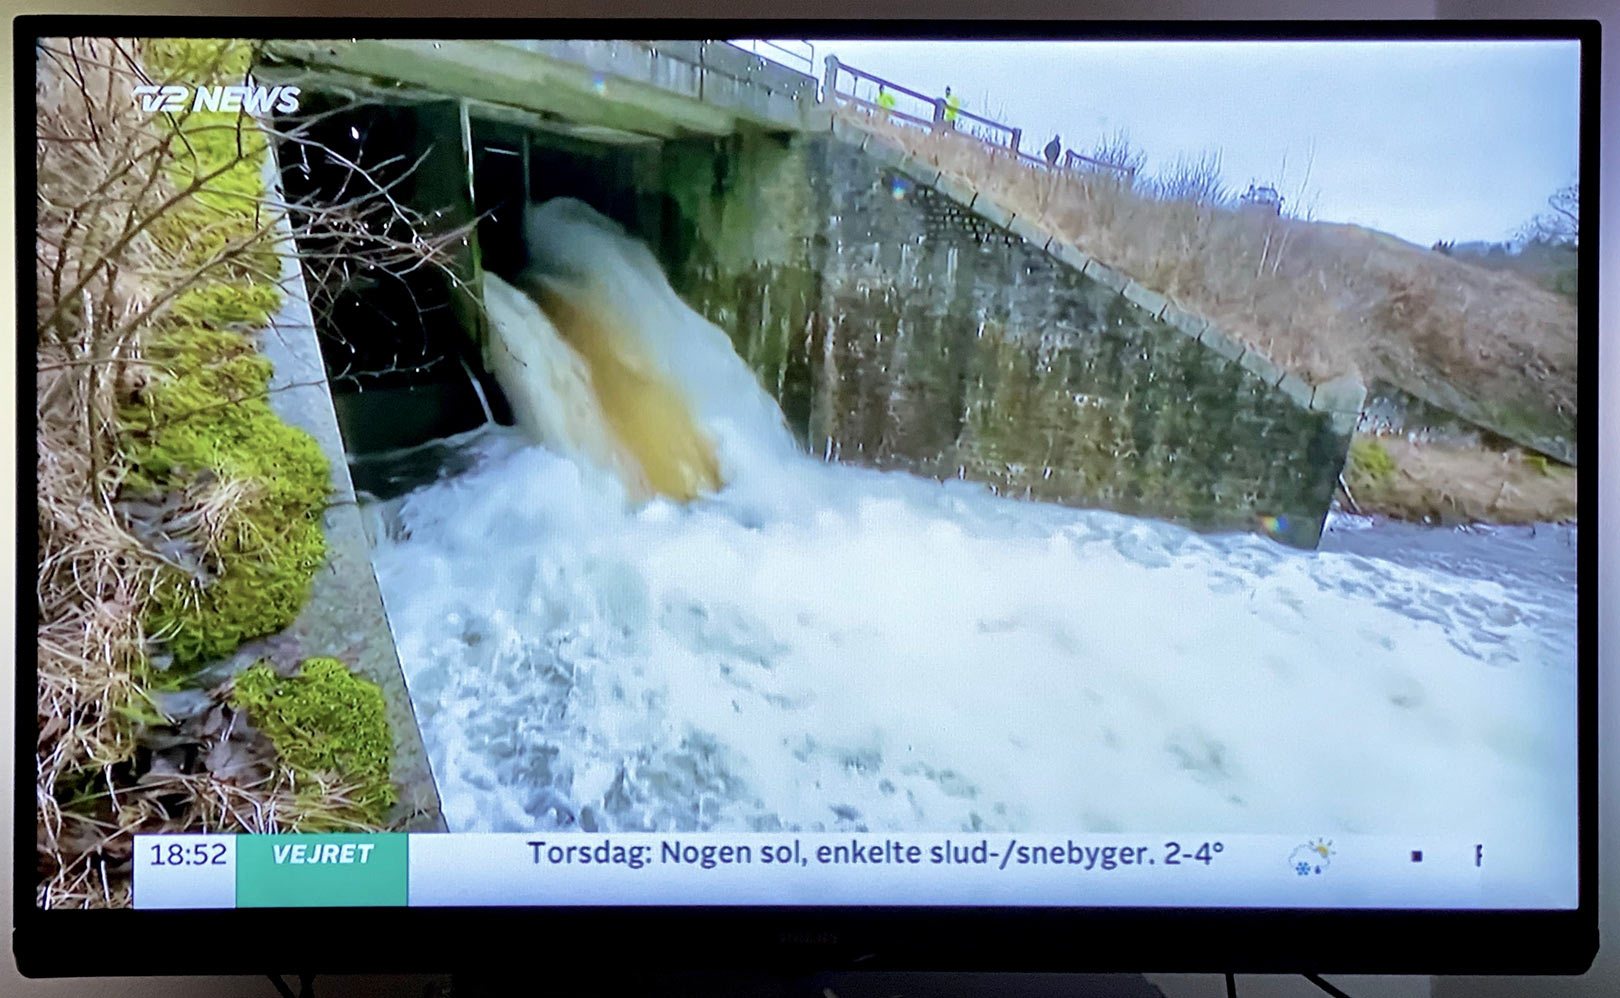 Forårets vandmasser gjorde det nødvendigt at åbne for nødslusen til Tangeværket. Eller risikerede man et dæmningsbrud.